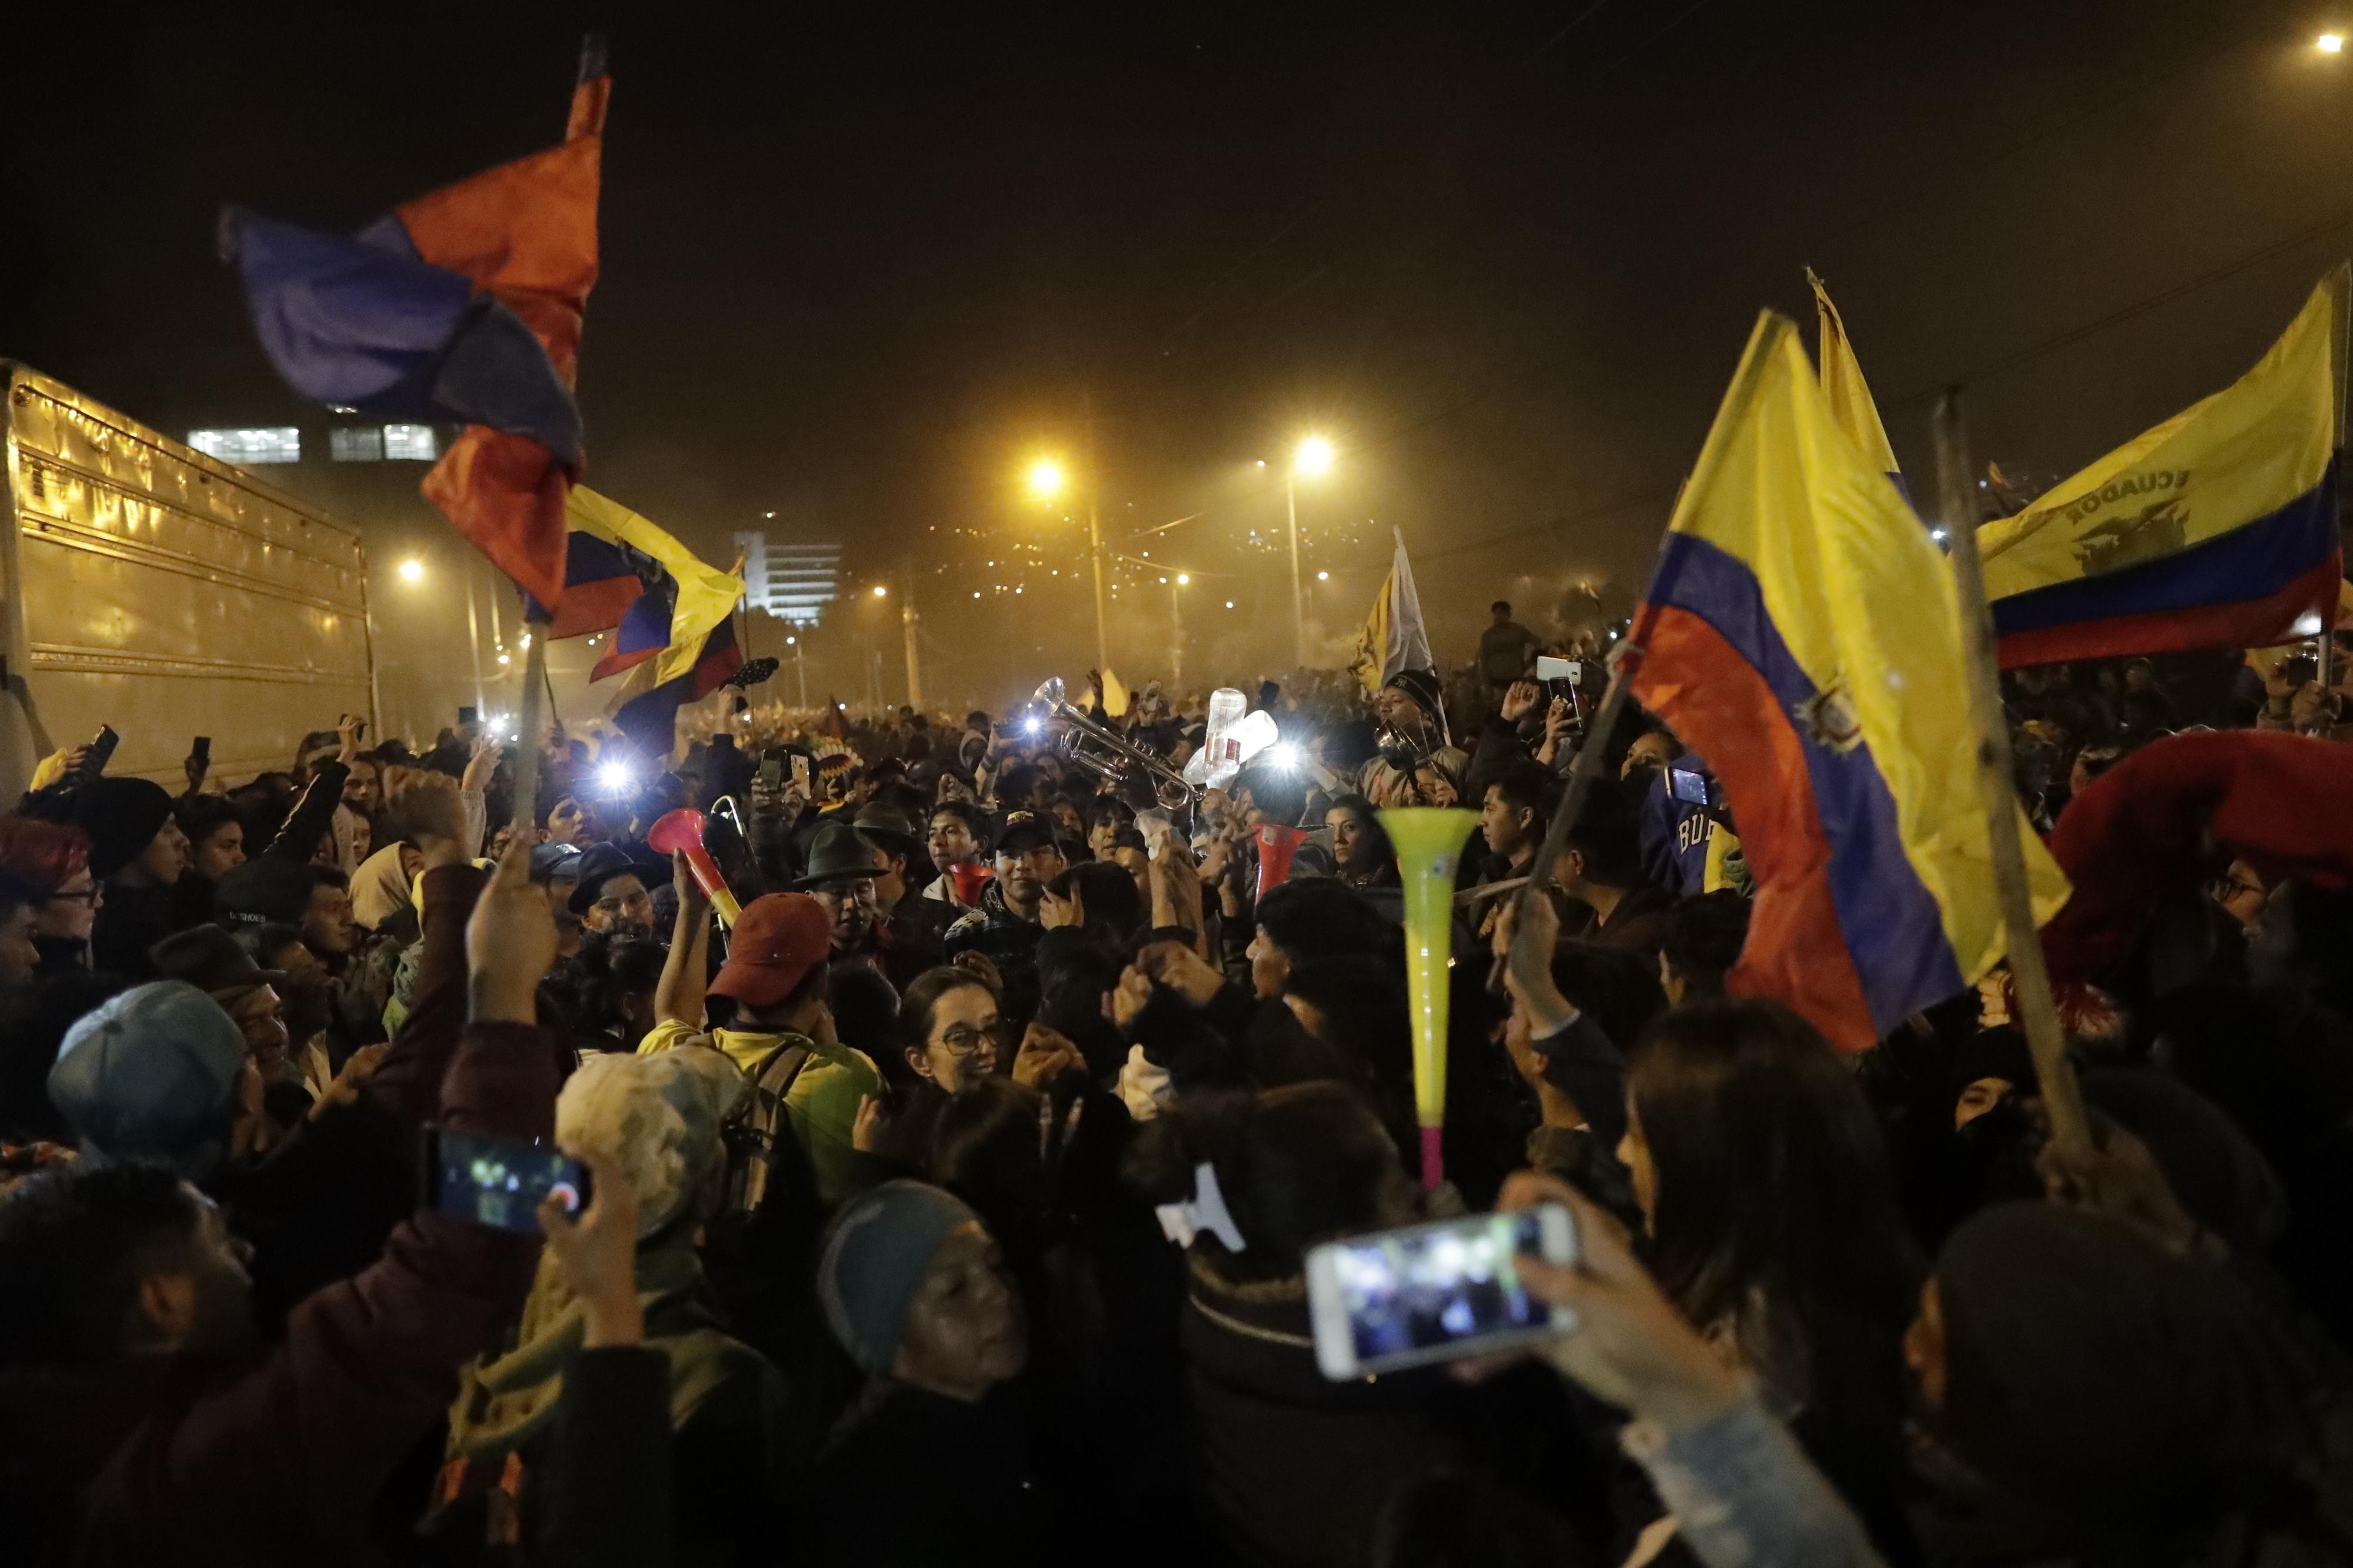 Governo do Equador e movimento indígena chegam a acordo: Revogado o decreto 883 que eliminou o subsídio ao combustível